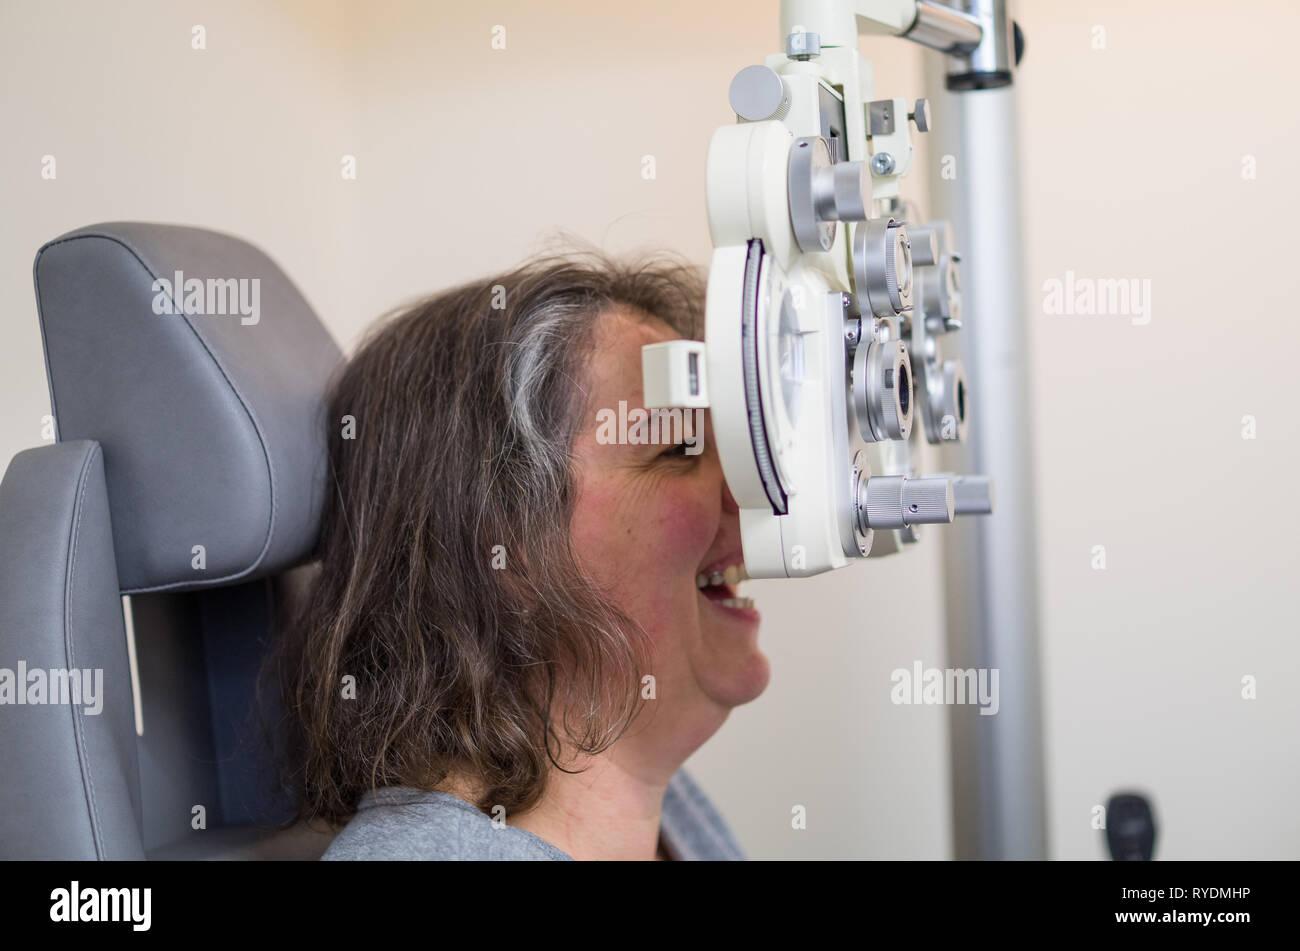 Beim Augenoptiker / Augenarzt / Brille / Augenwerte überprüfen / Frau Sehtest beim Augenoptiker. Stock Photo